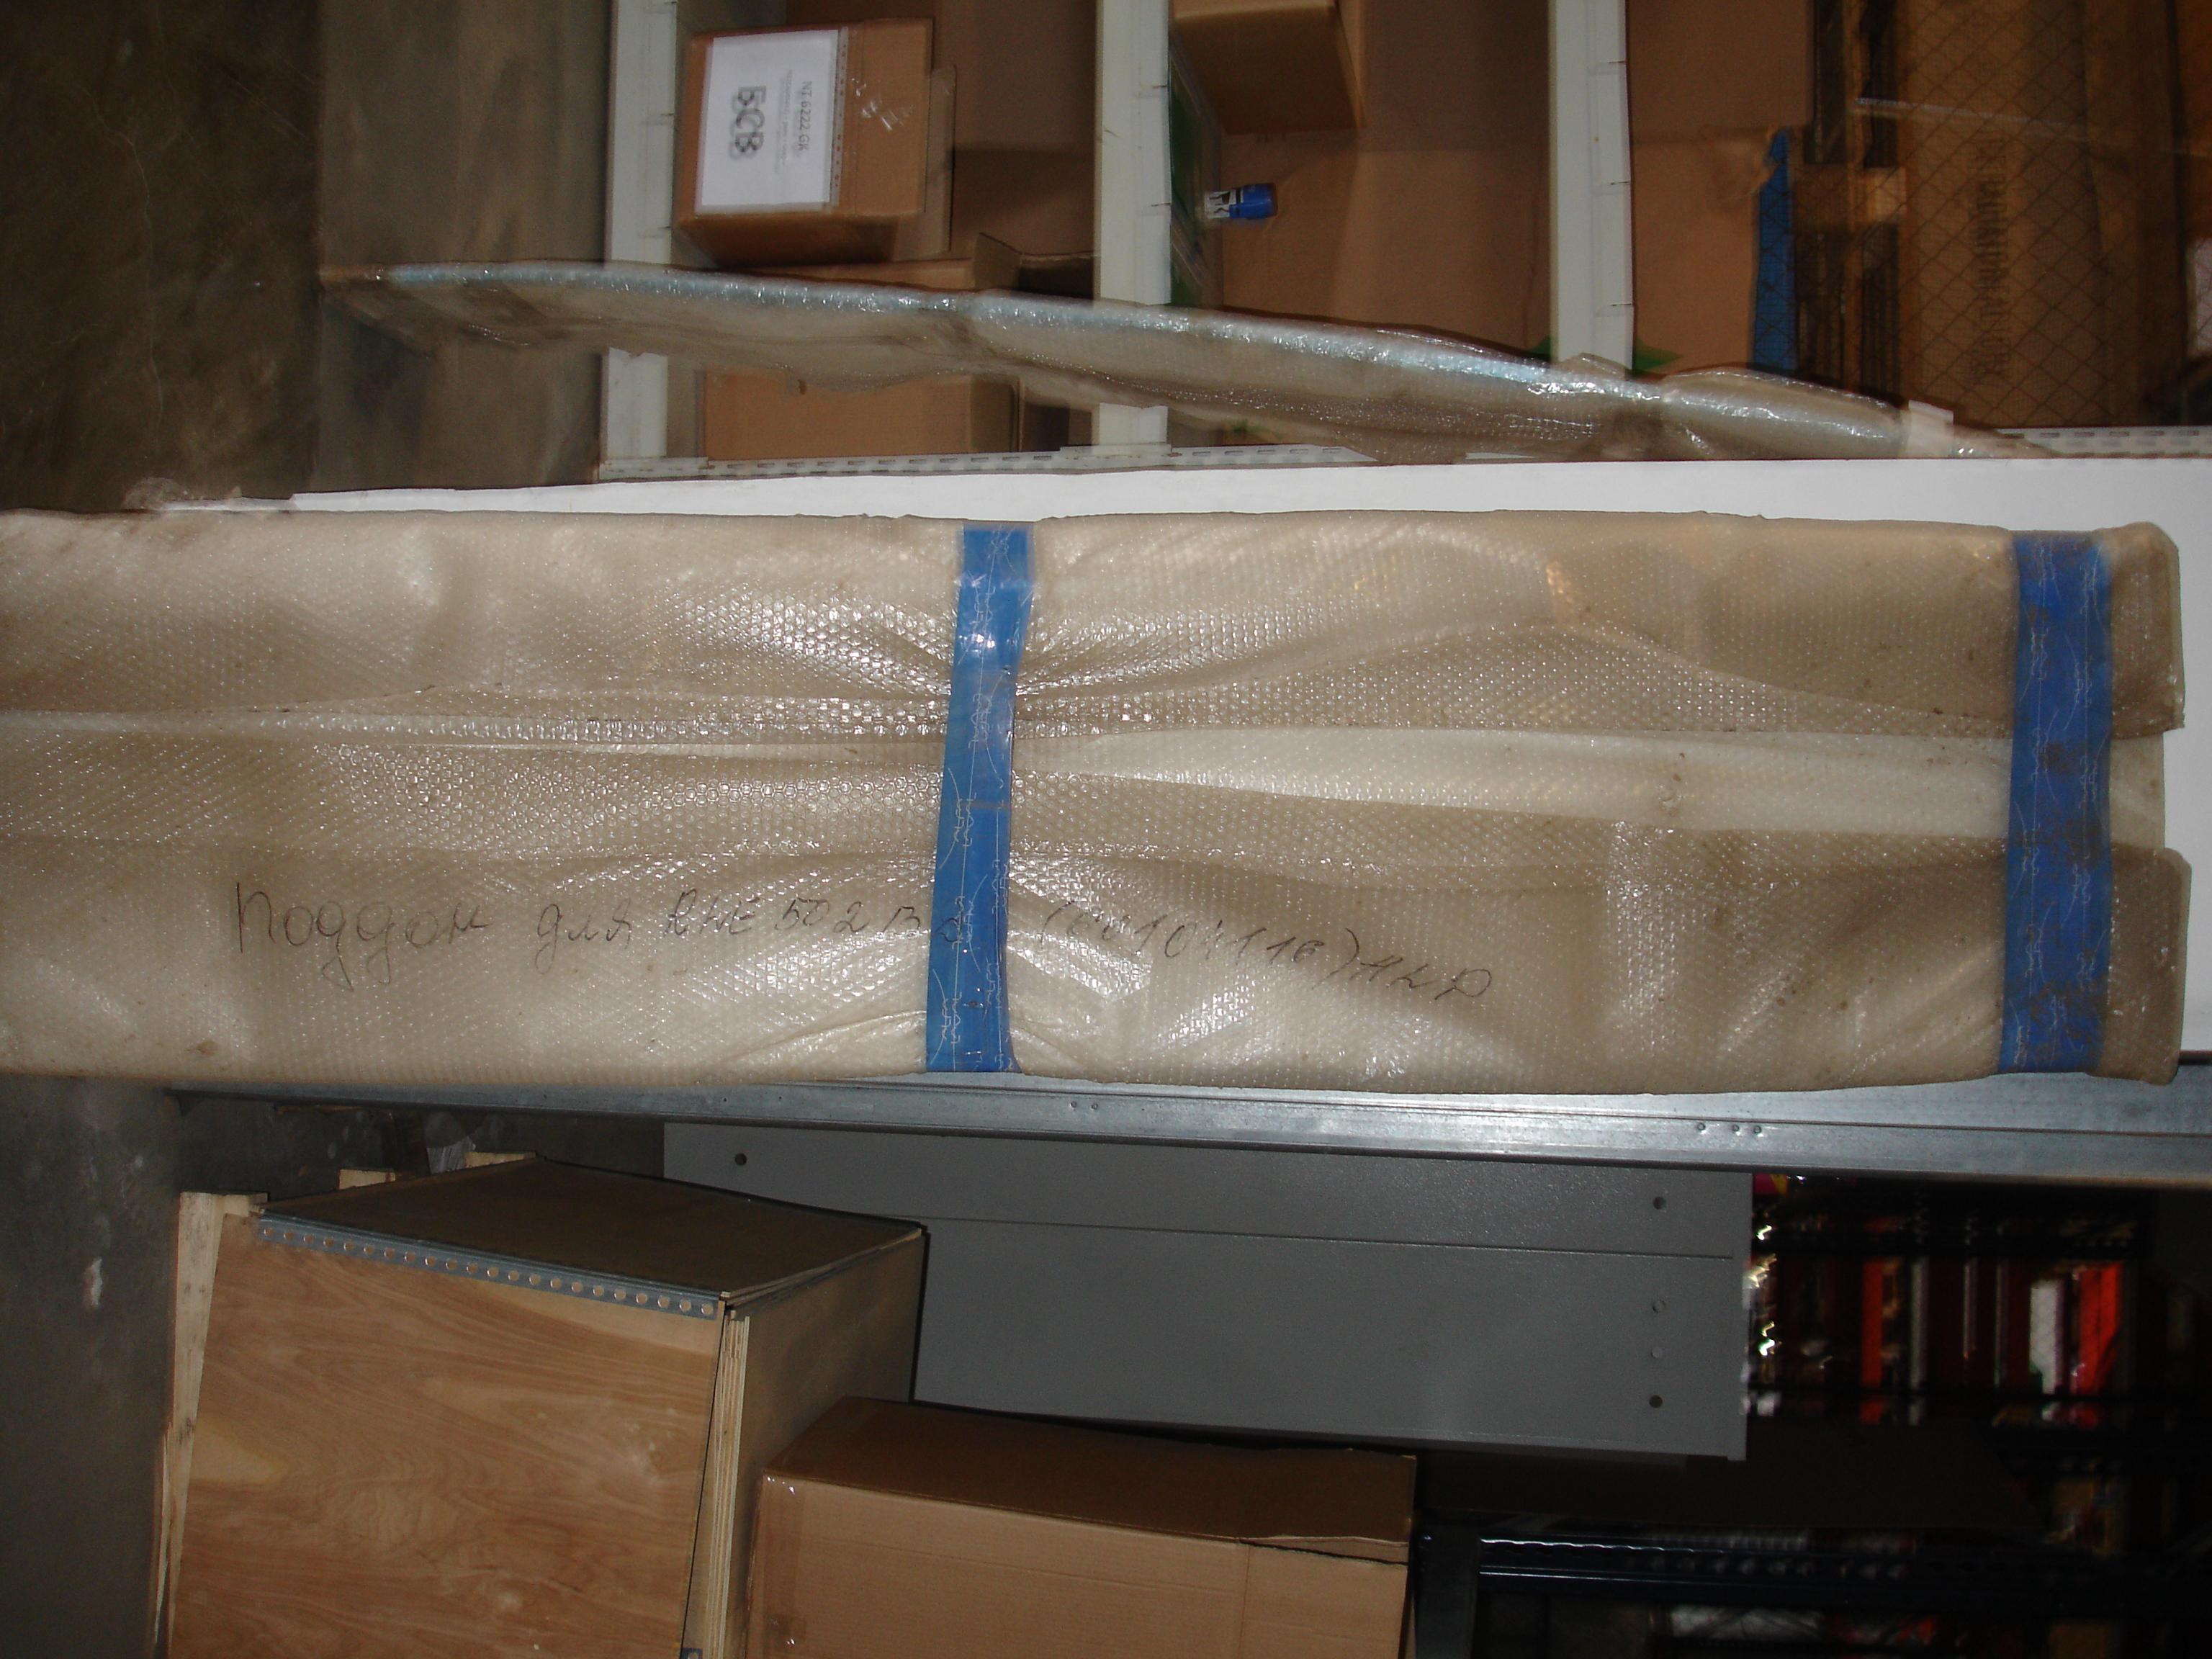 Конденсатор alfa laval agl 403 а Уплотнения теплообменника Alfa Laval M15-MFG Сарапул